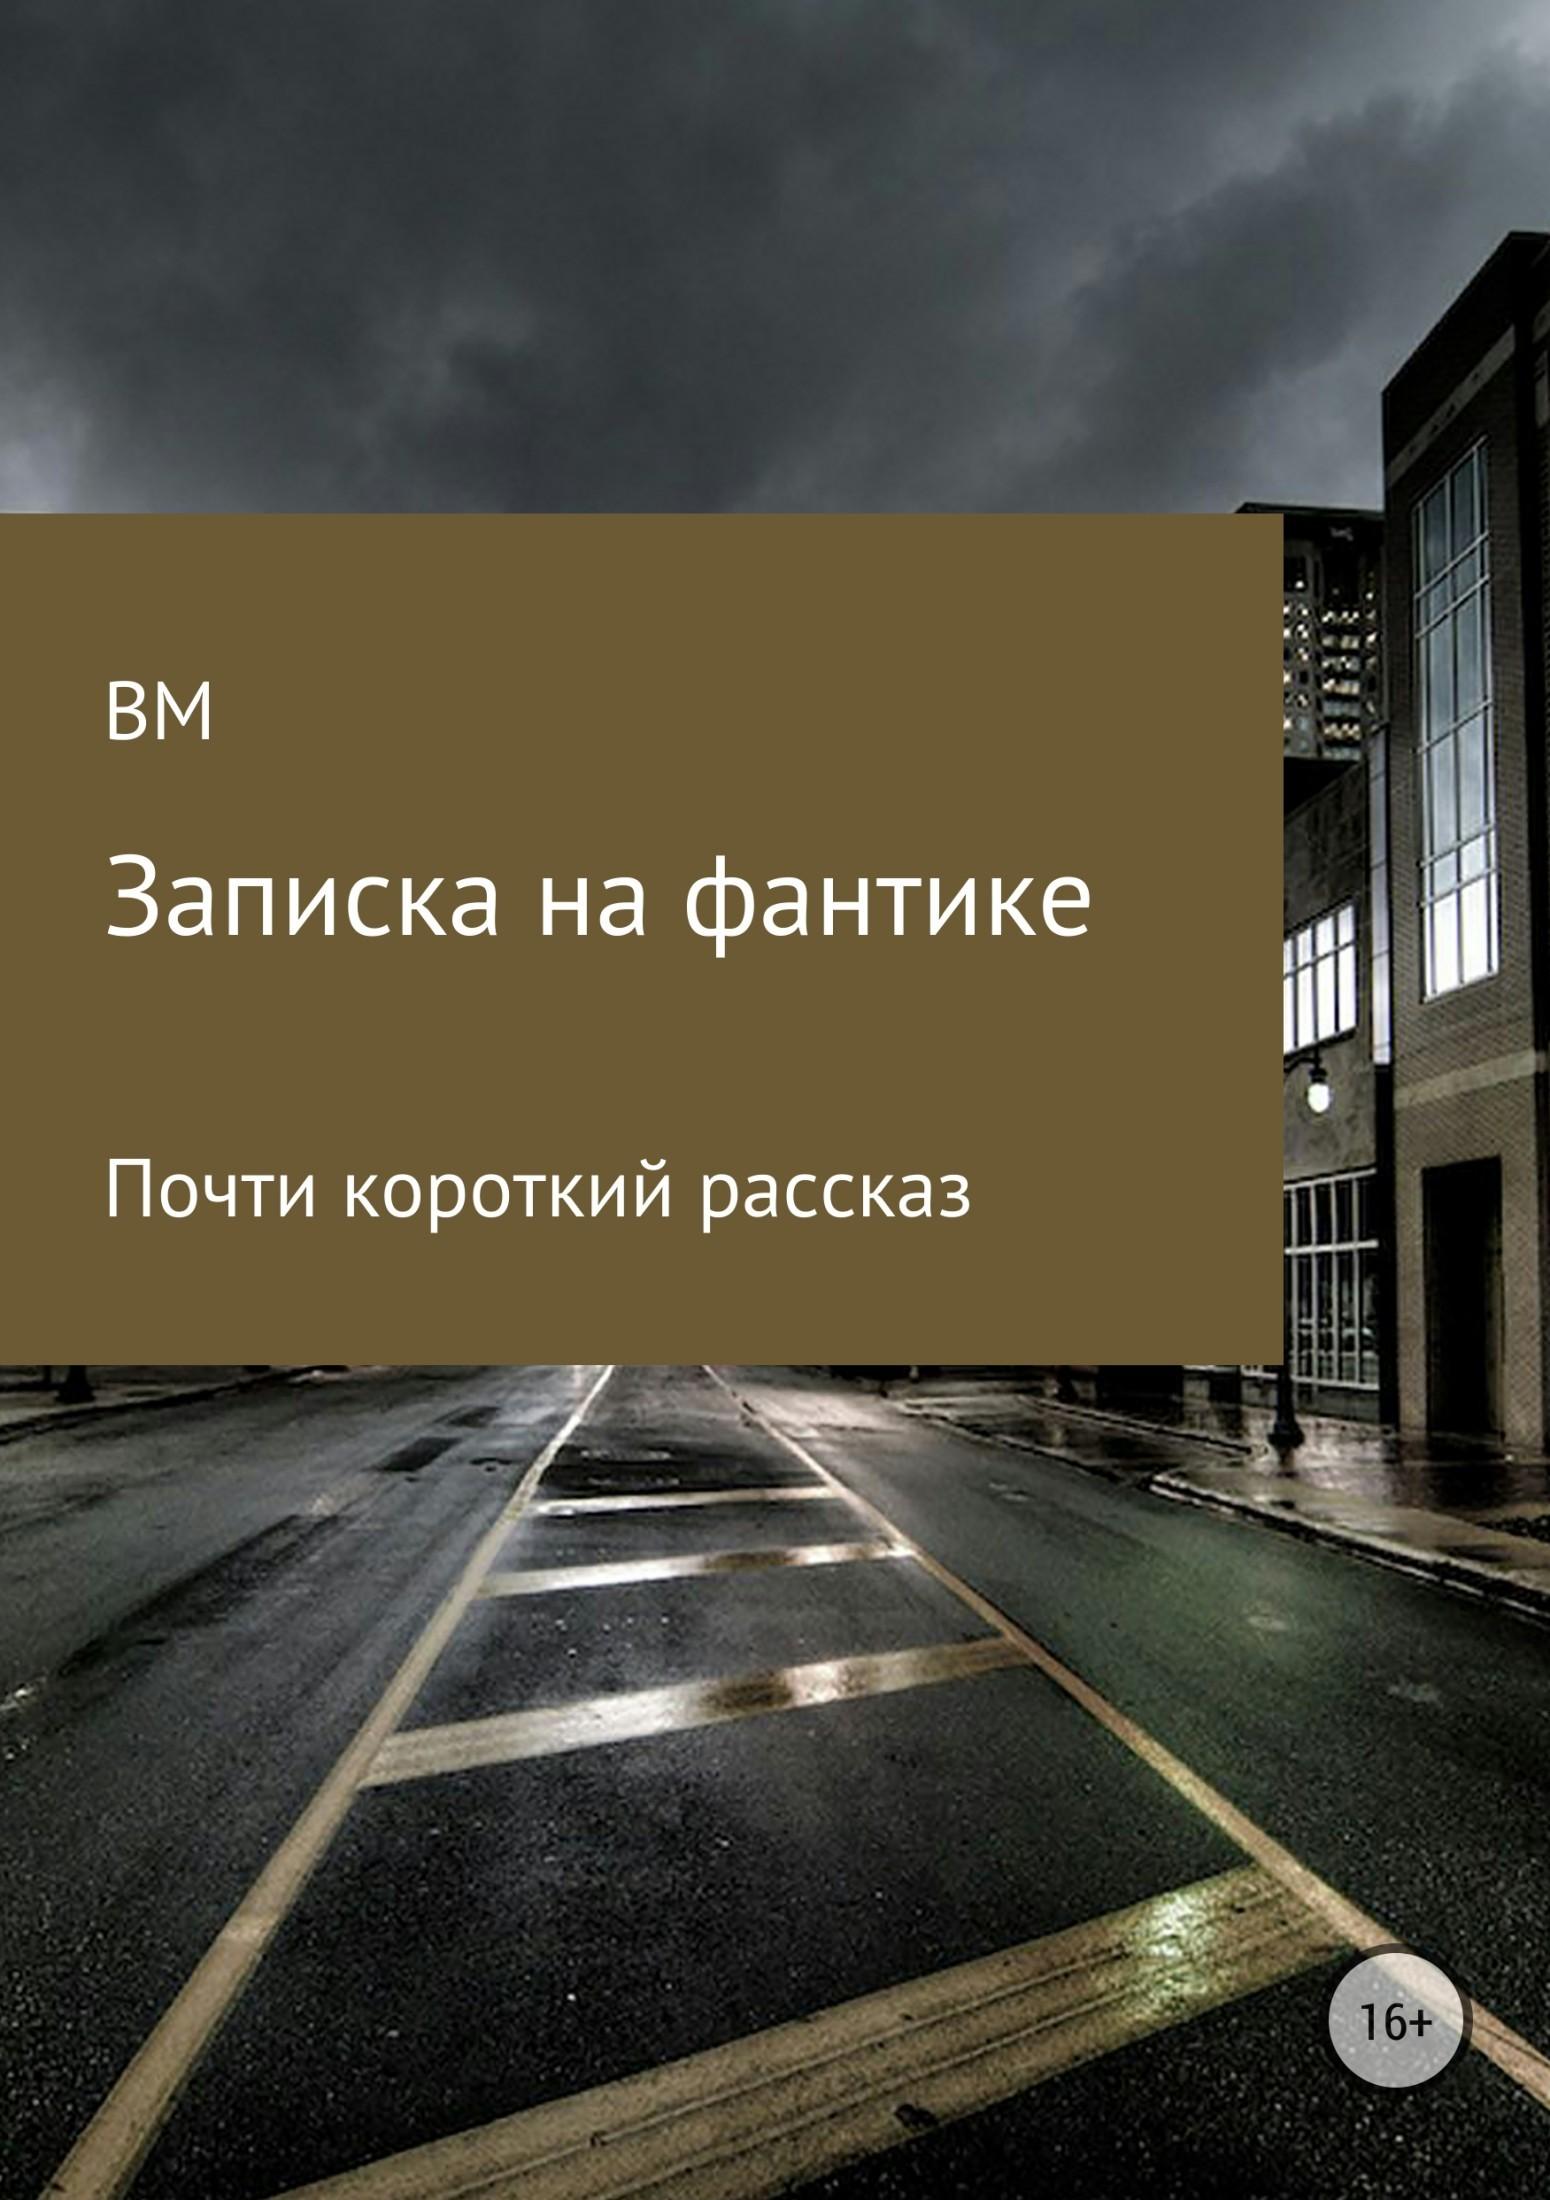 В М - Записка на фантике